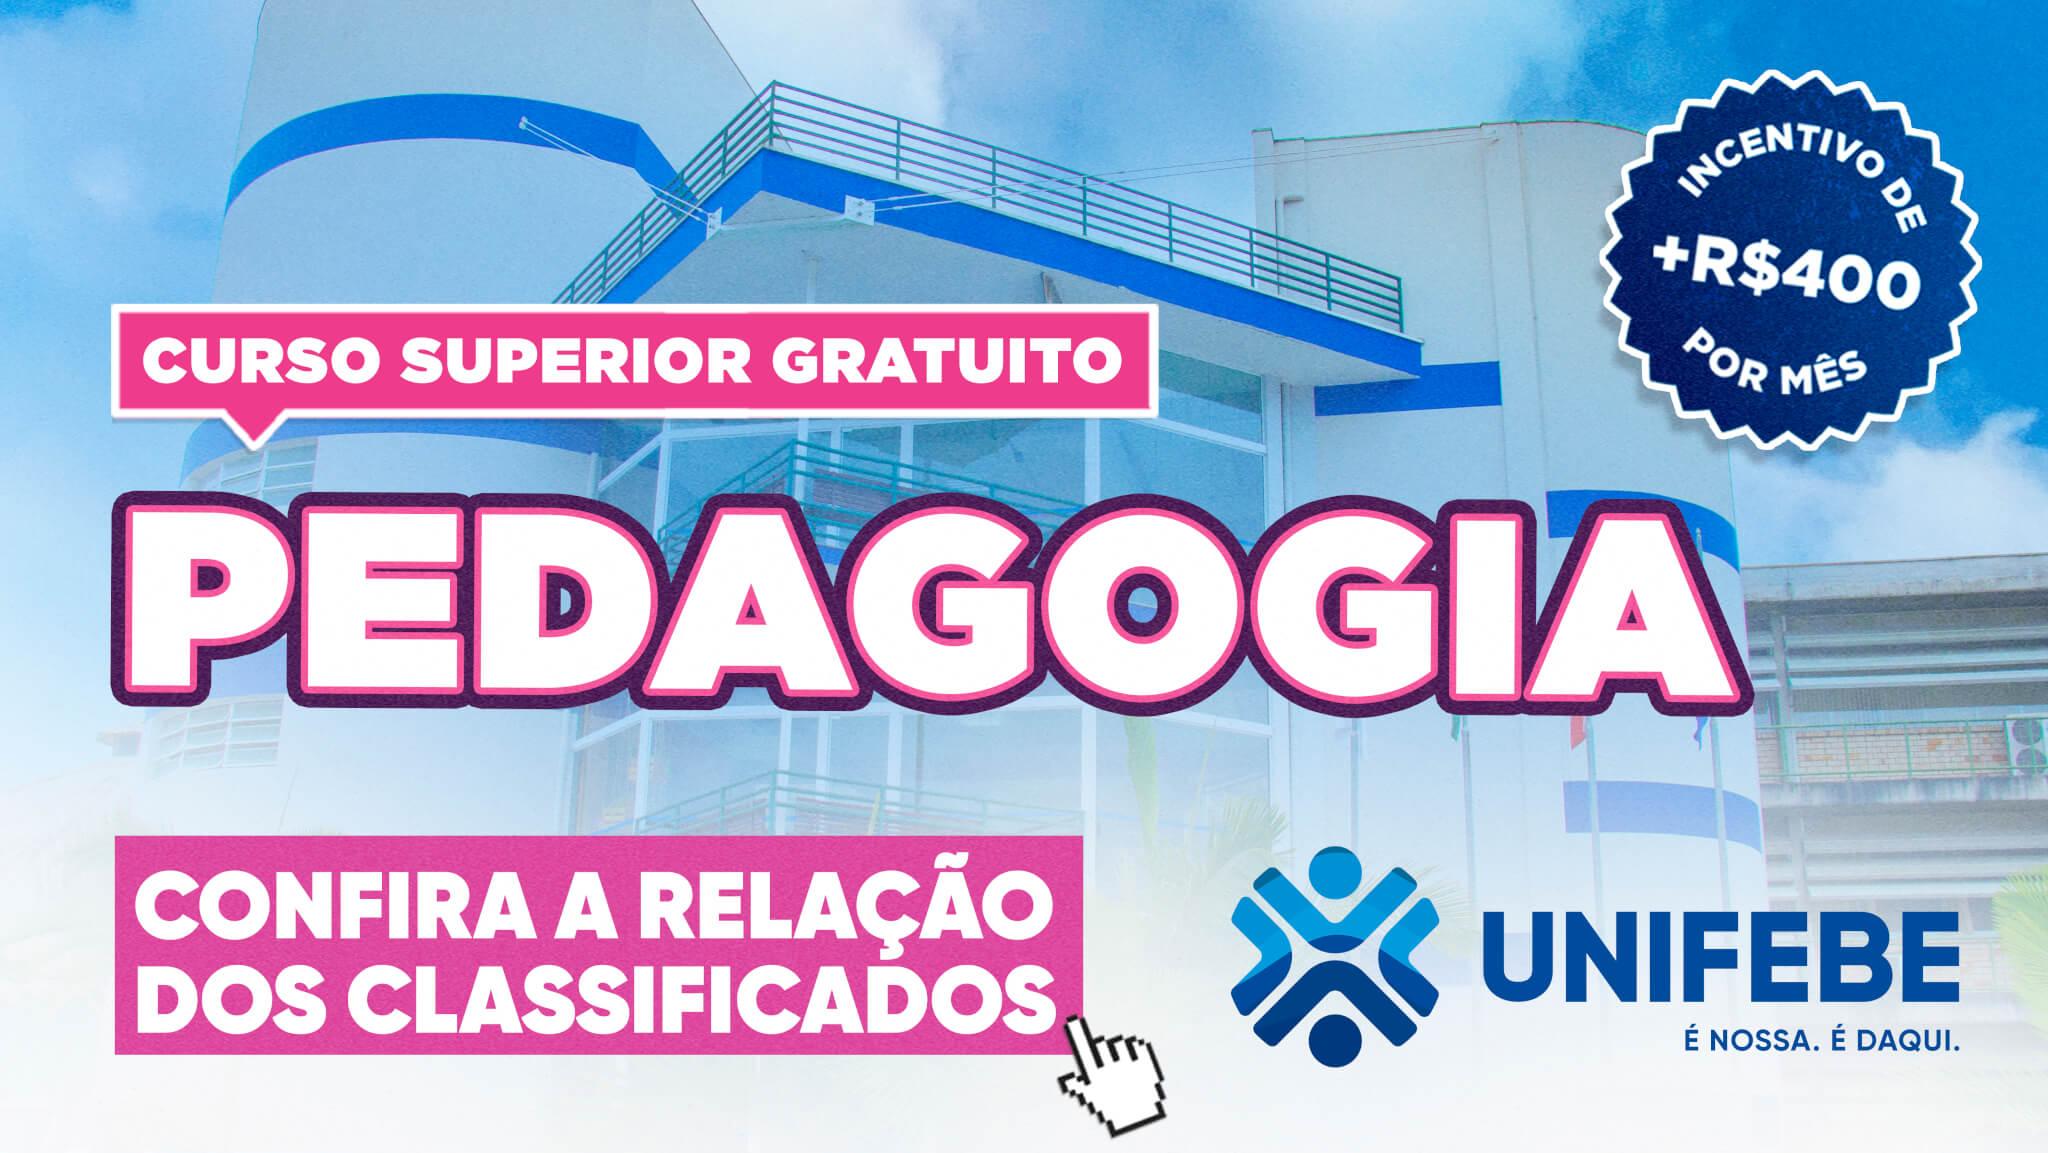 MOBILE curso gratuito PEDAGOGIA RELAÇÃO CLASSIFICADOS